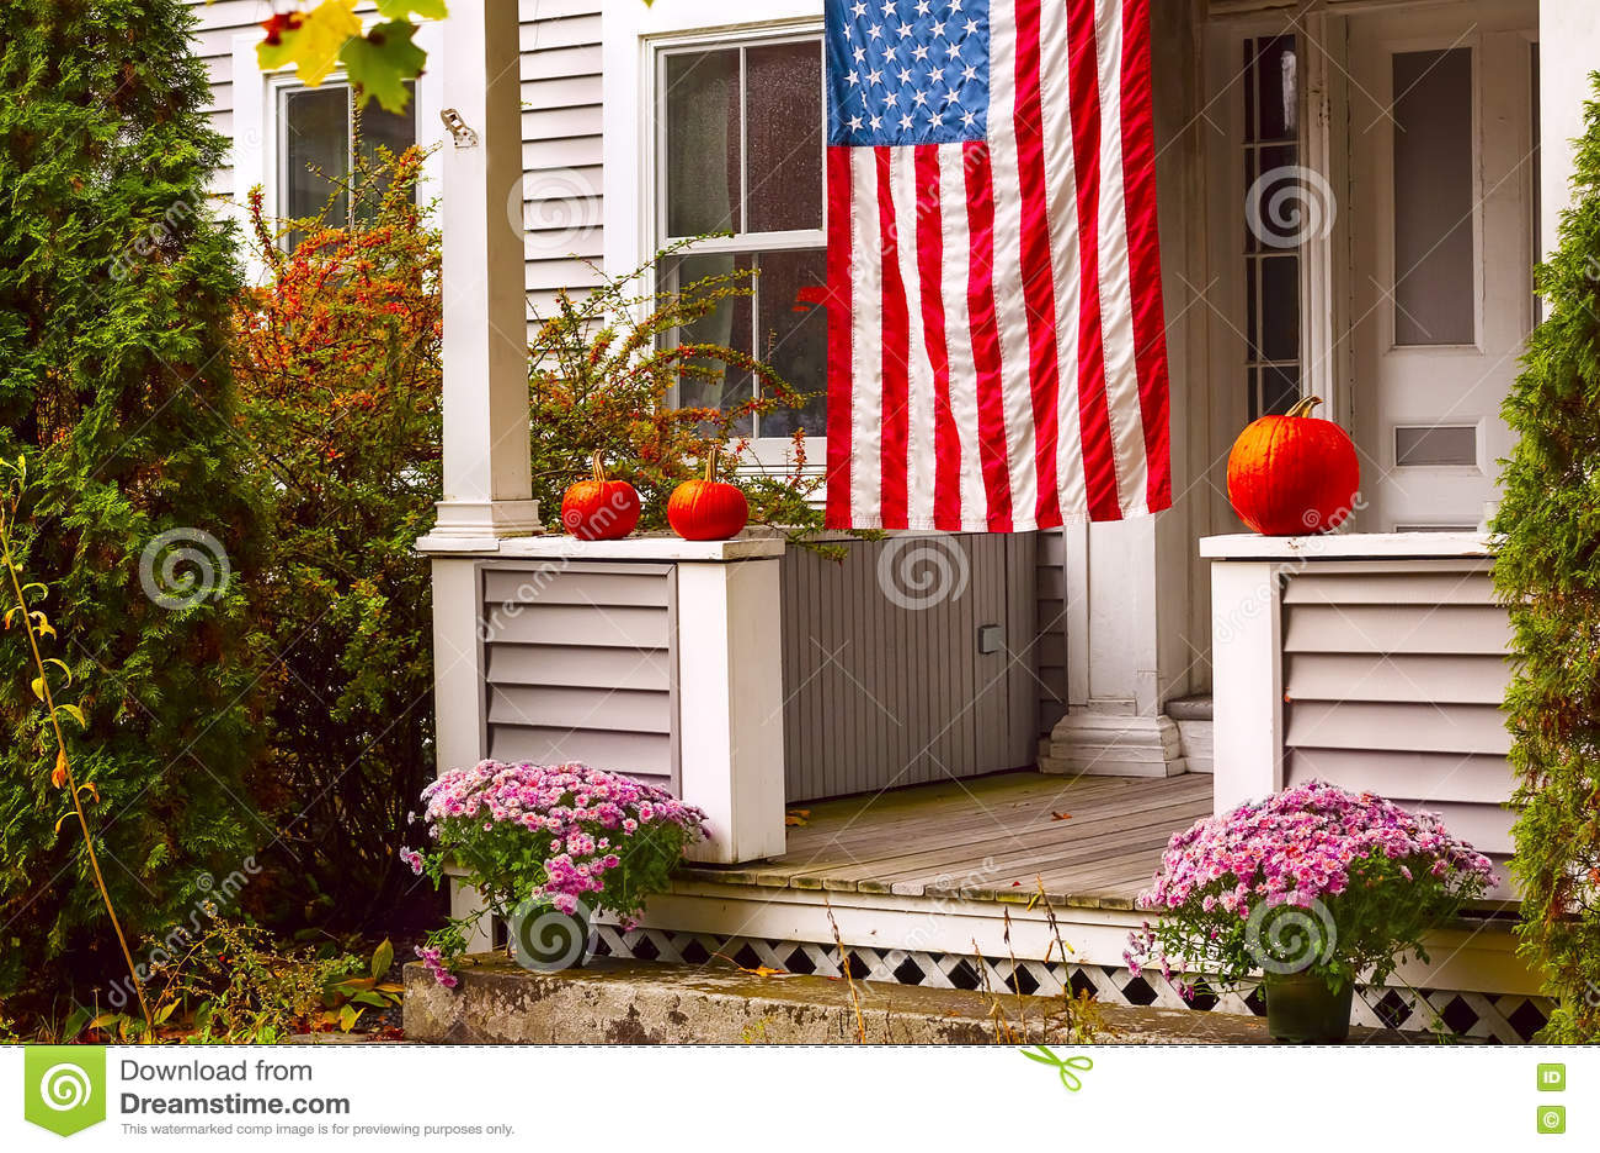 Portiek van een blokhuis voor Halloween en de Amerikaanse vlag wordt verfraaid die